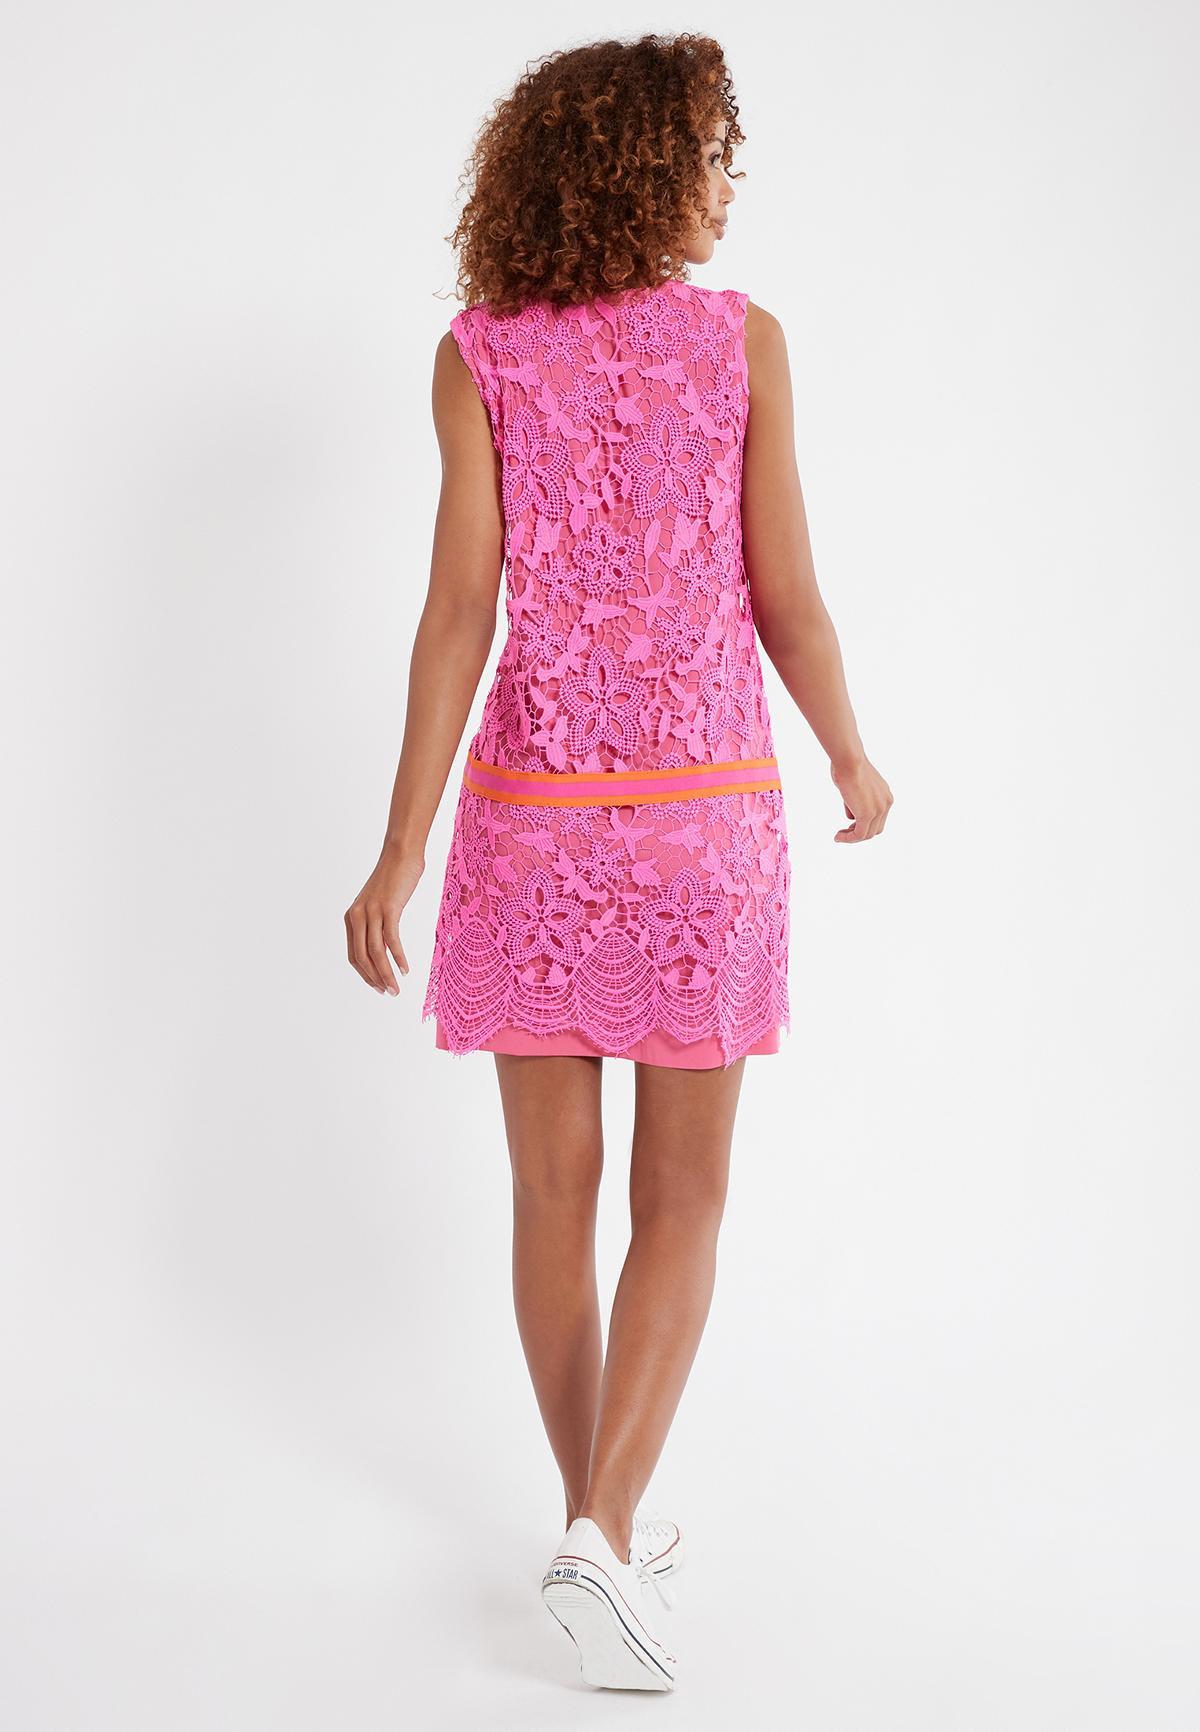 Kurzes Kleid Sagena Aus Spitze In Pink  Ana Alcazar